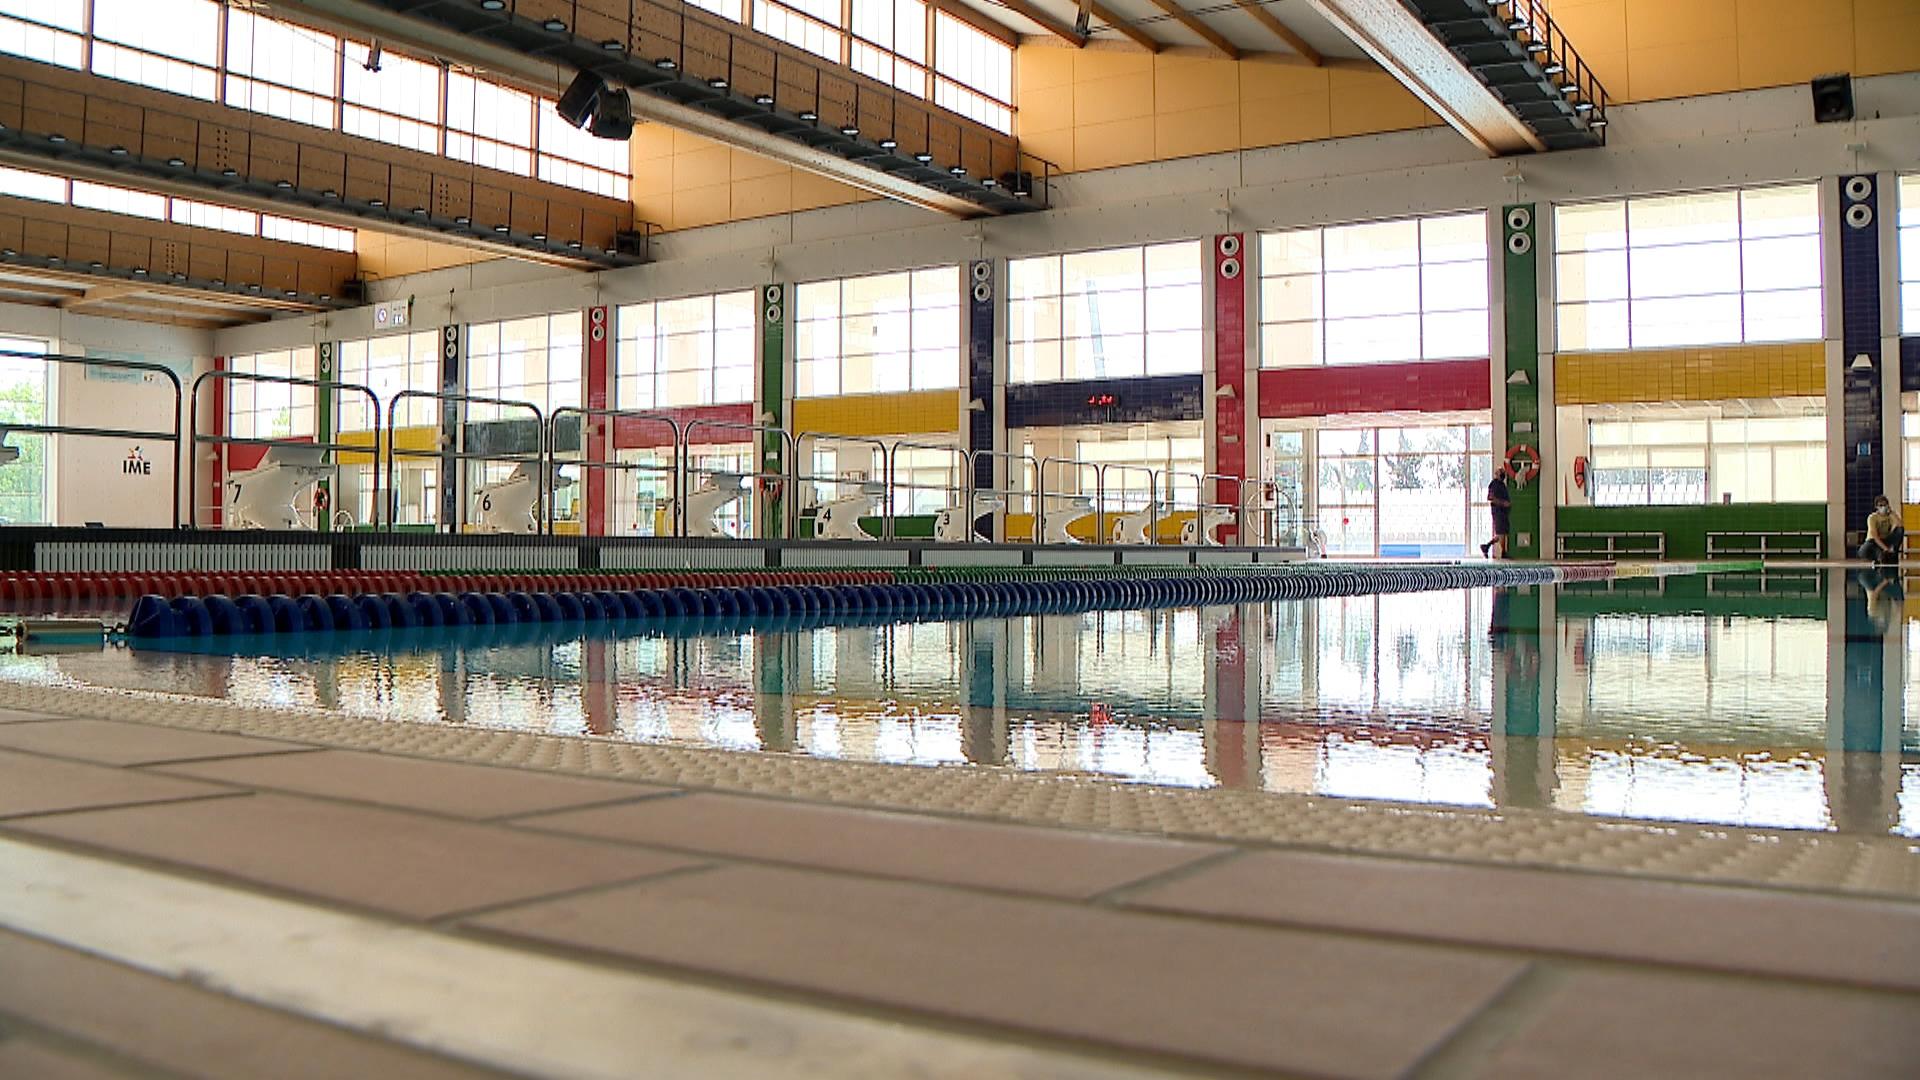 Les+piscines+de+Son+Hugo+reobriran+la+segona+quinzena+de+juliol